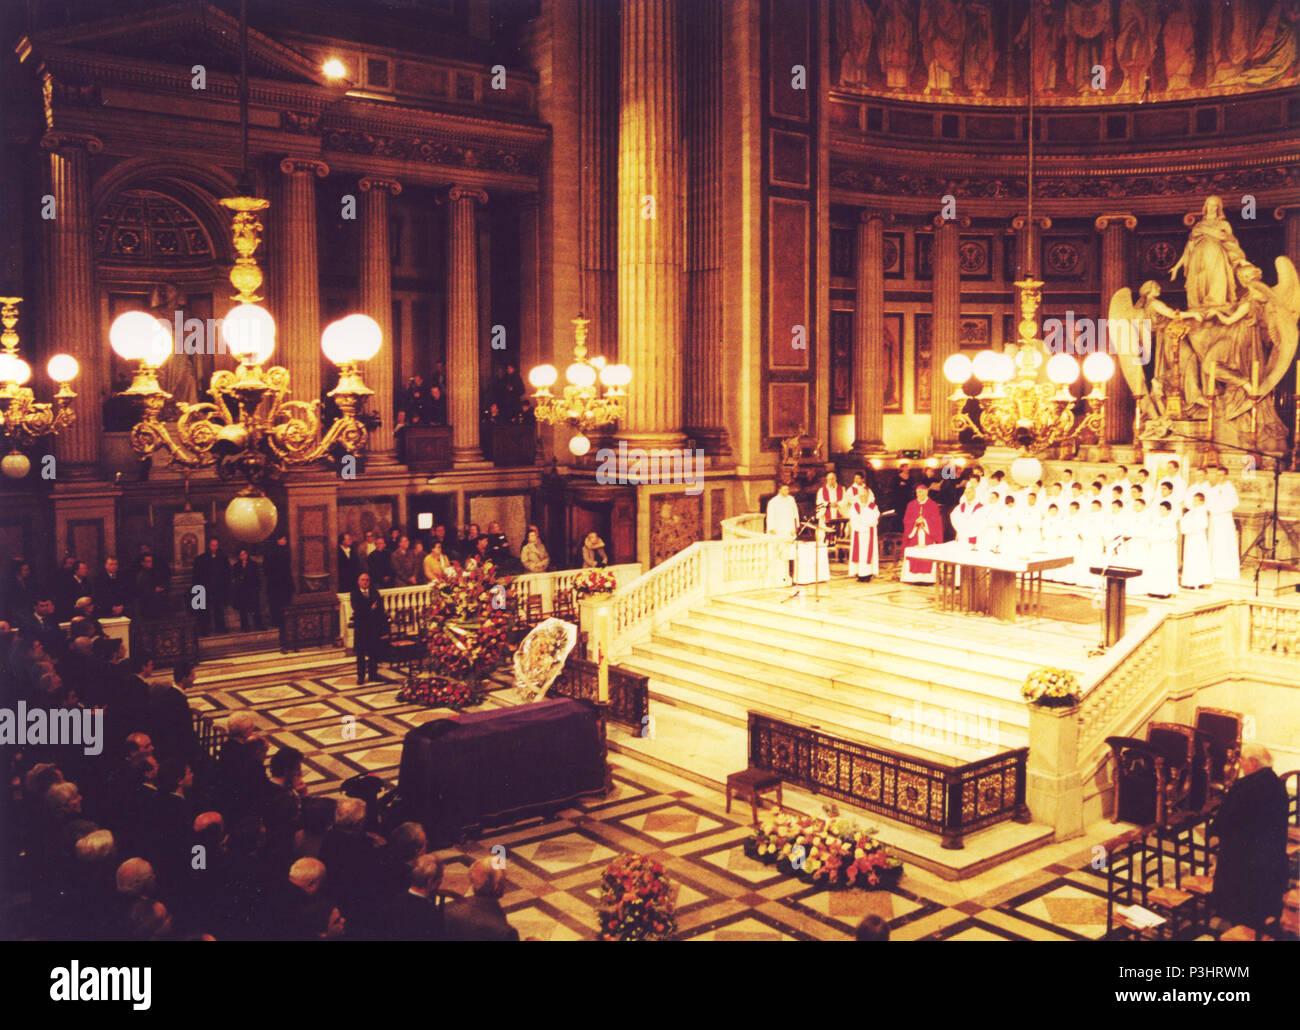 Beerdigung von Charles Trenet in der Kirche La Madeleine, Paris, Frankreich. Stockfoto